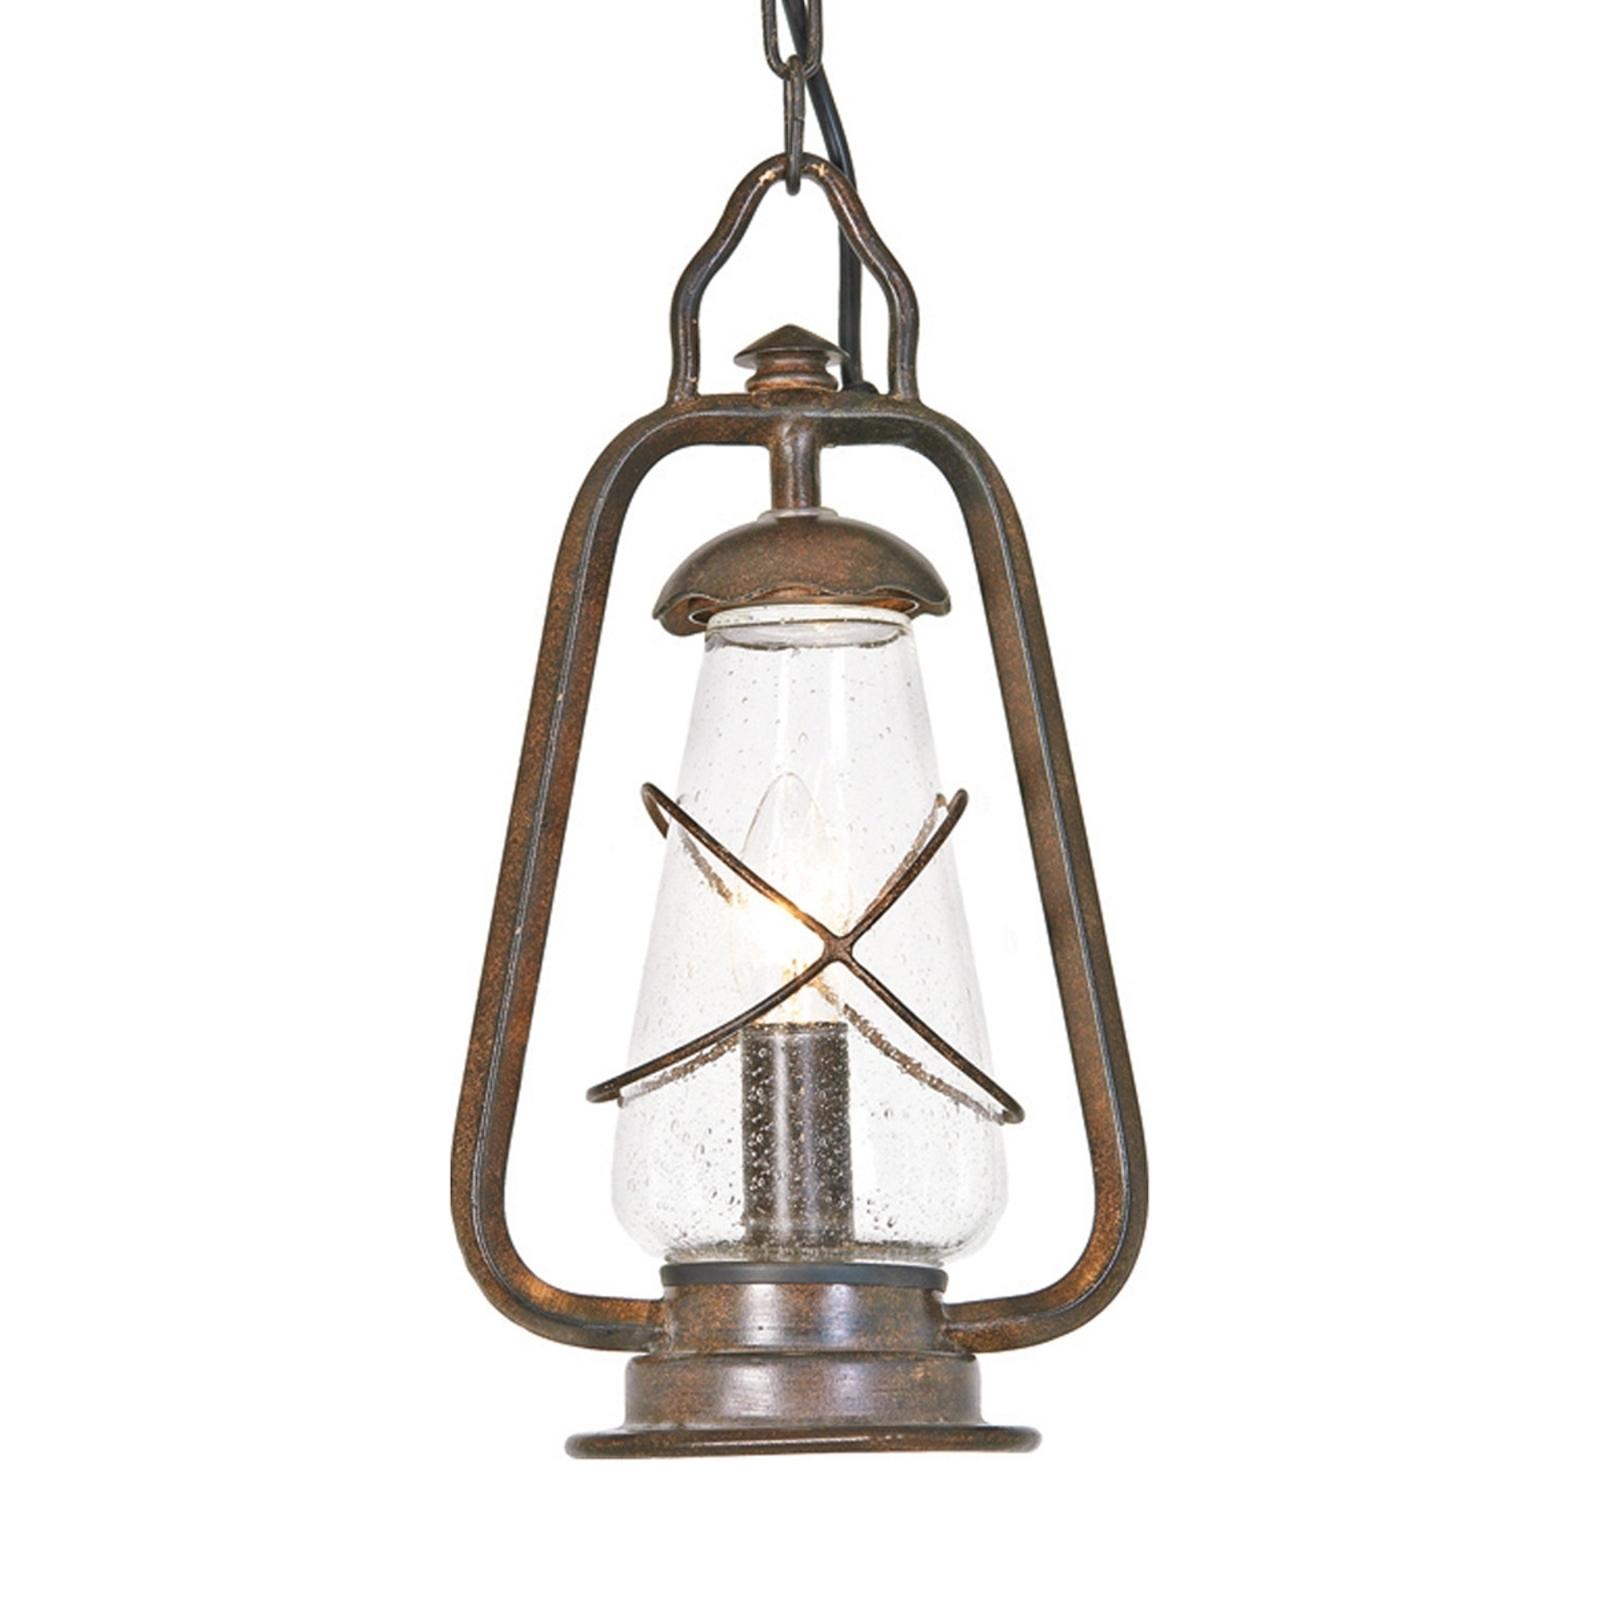 Závěsné světlo MINERS ve stylu důlní lampy